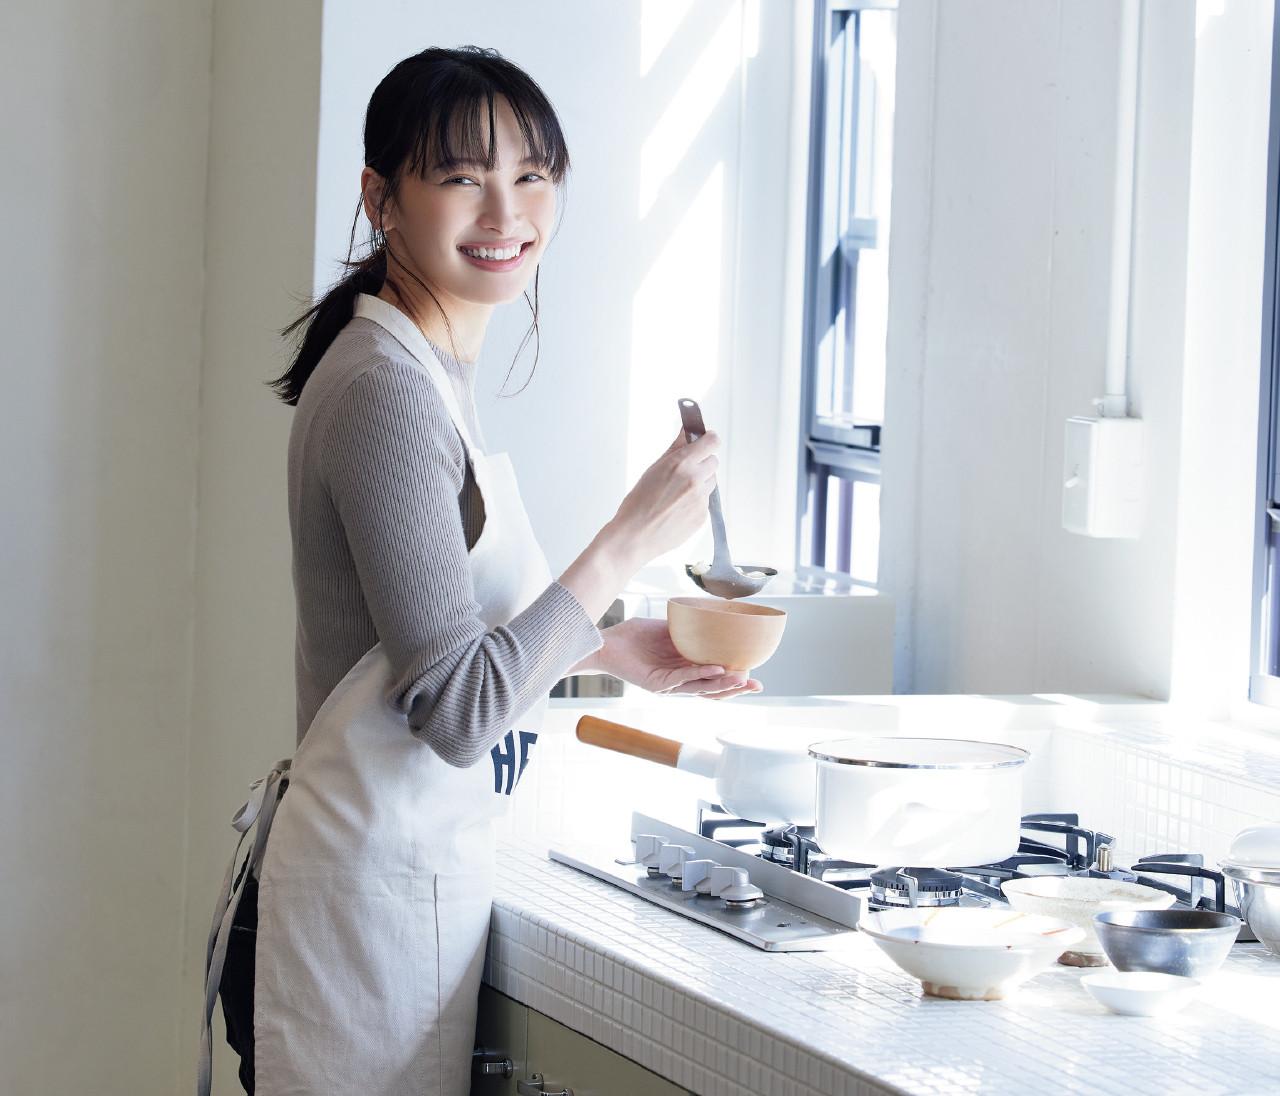 【大政絢ごはん】お料理がすごく上手ってウワサ!お気に入りの調味料も公開♡